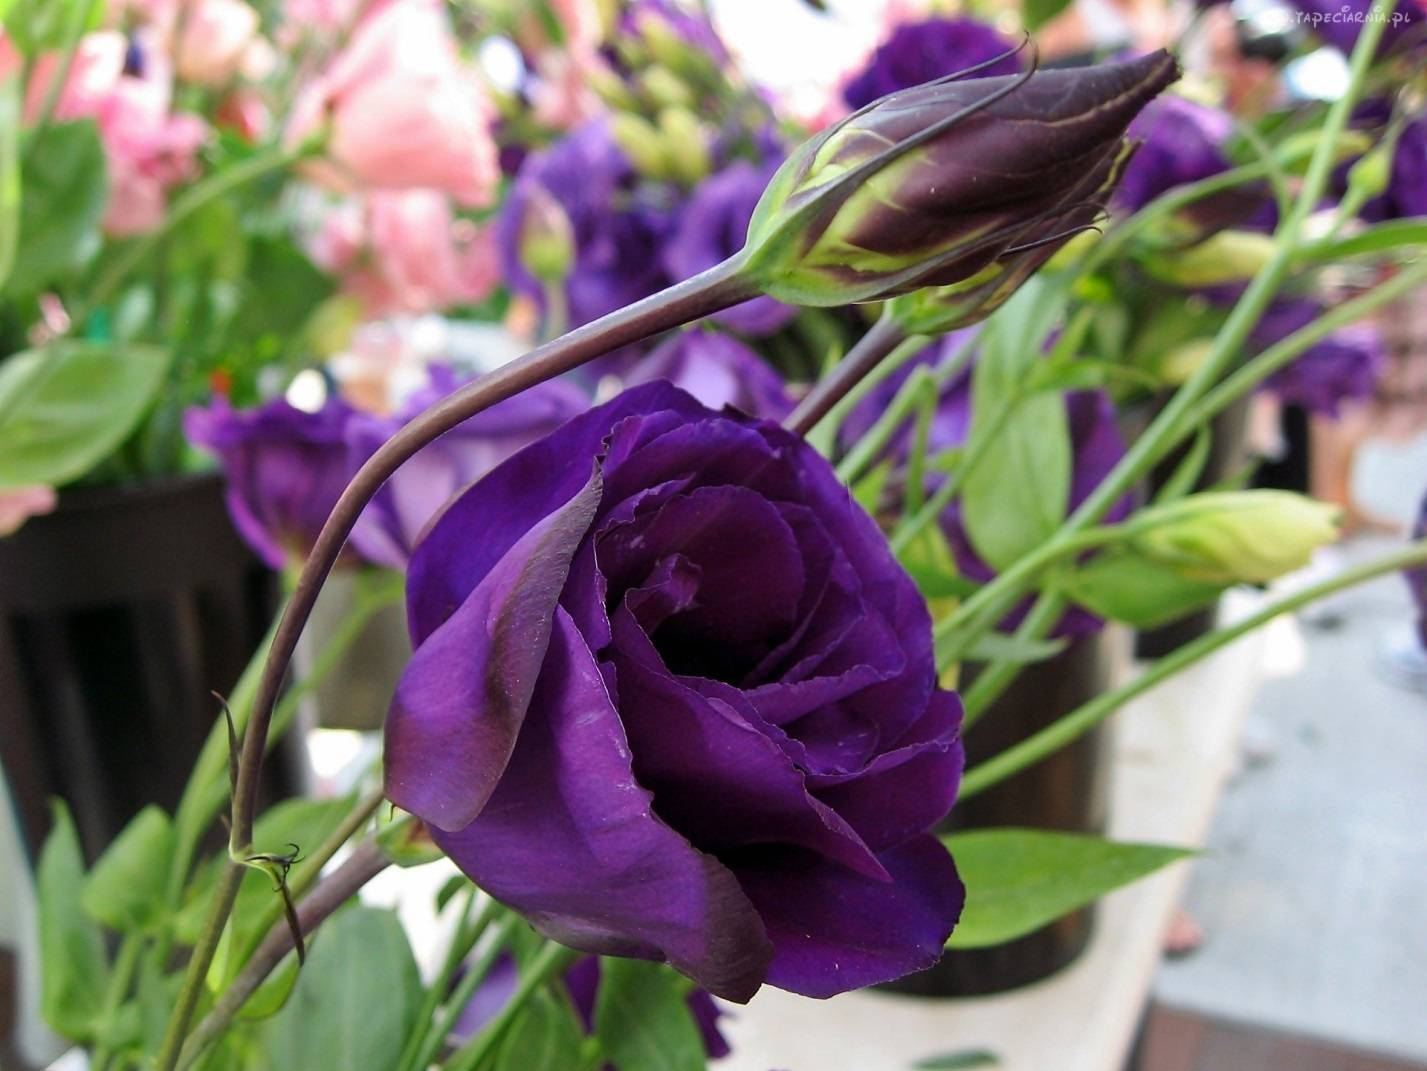 Многолетняя эустома фото цветов, как посадить и вырастить из рассады дома ирландскую розу